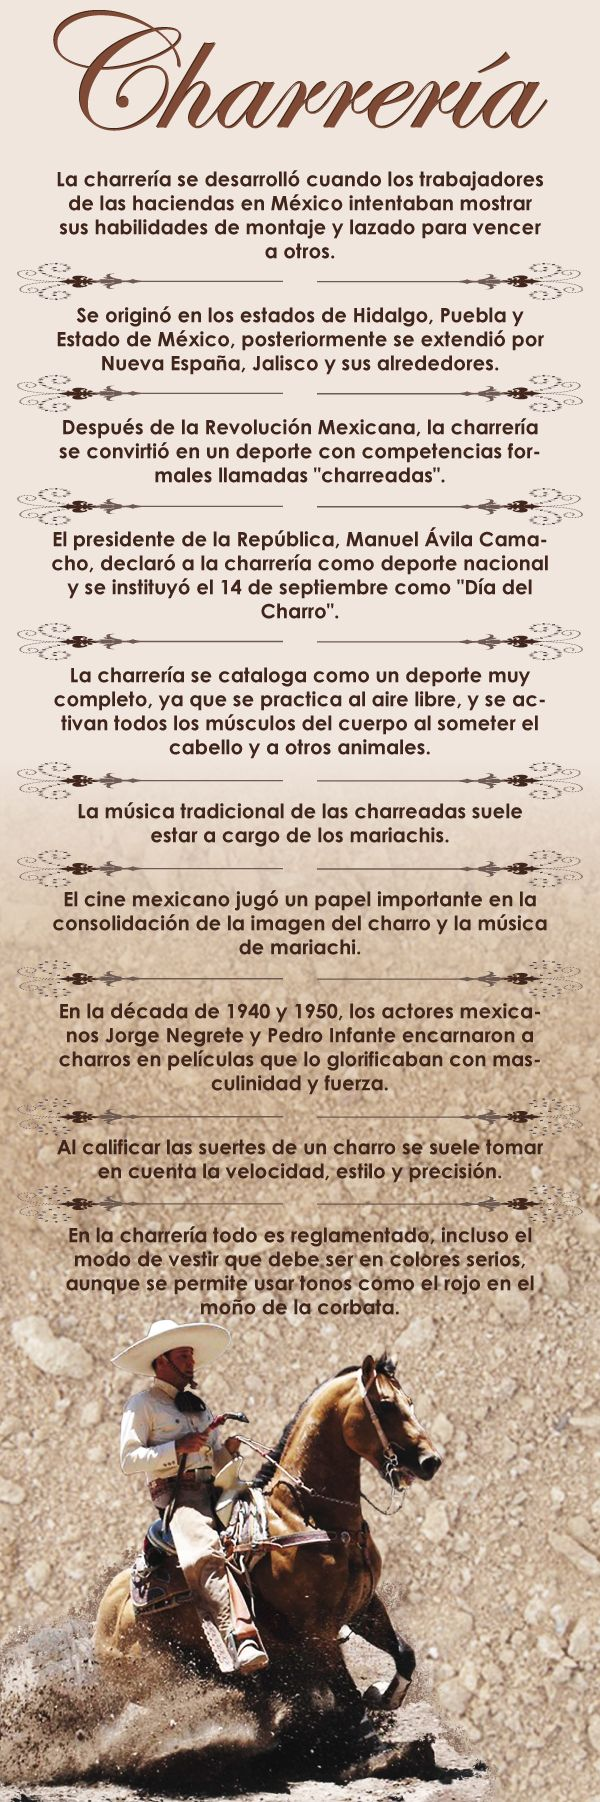 Charreria Mexicana/Deporte Nacional.